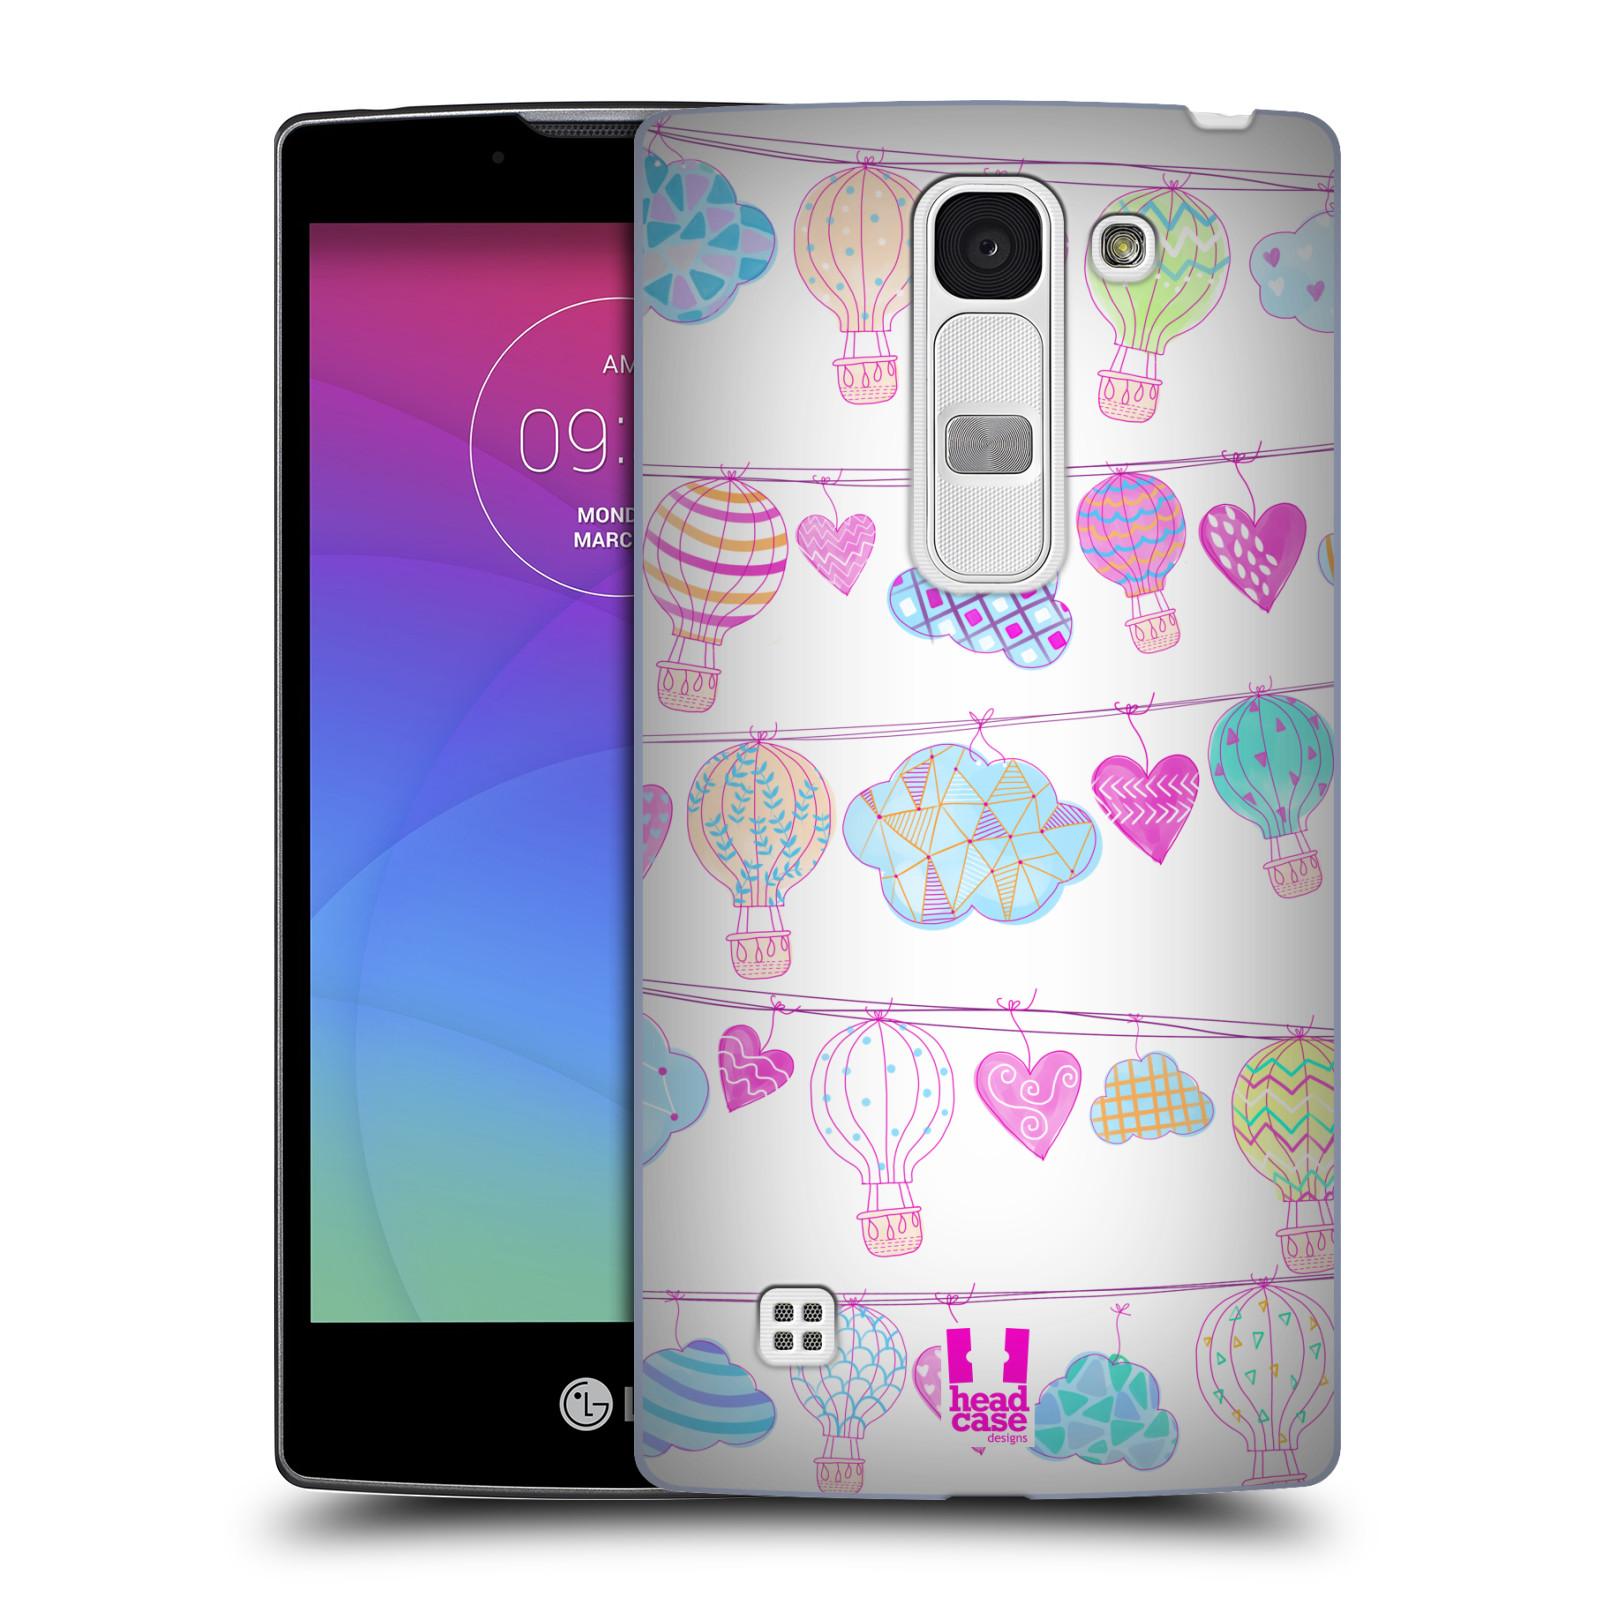 Plastové pouzdro na mobil LG Spirit LTE HEAD CASE Balóny a srdíčka (Plastový kryt či obal na mobilní telefon LG Spirit H420 a LG Spirit LTE H440N)